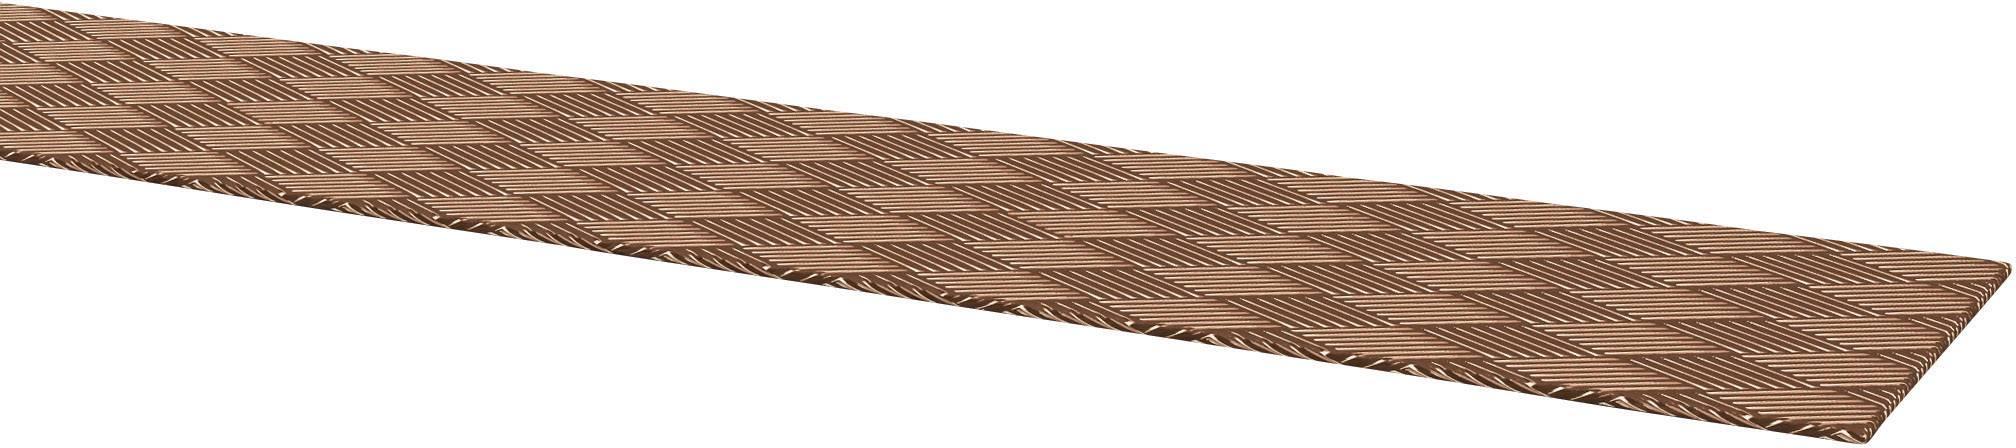 Copper earthing strap, bare 301007500 Kabeltronik Množství: metrové zboží